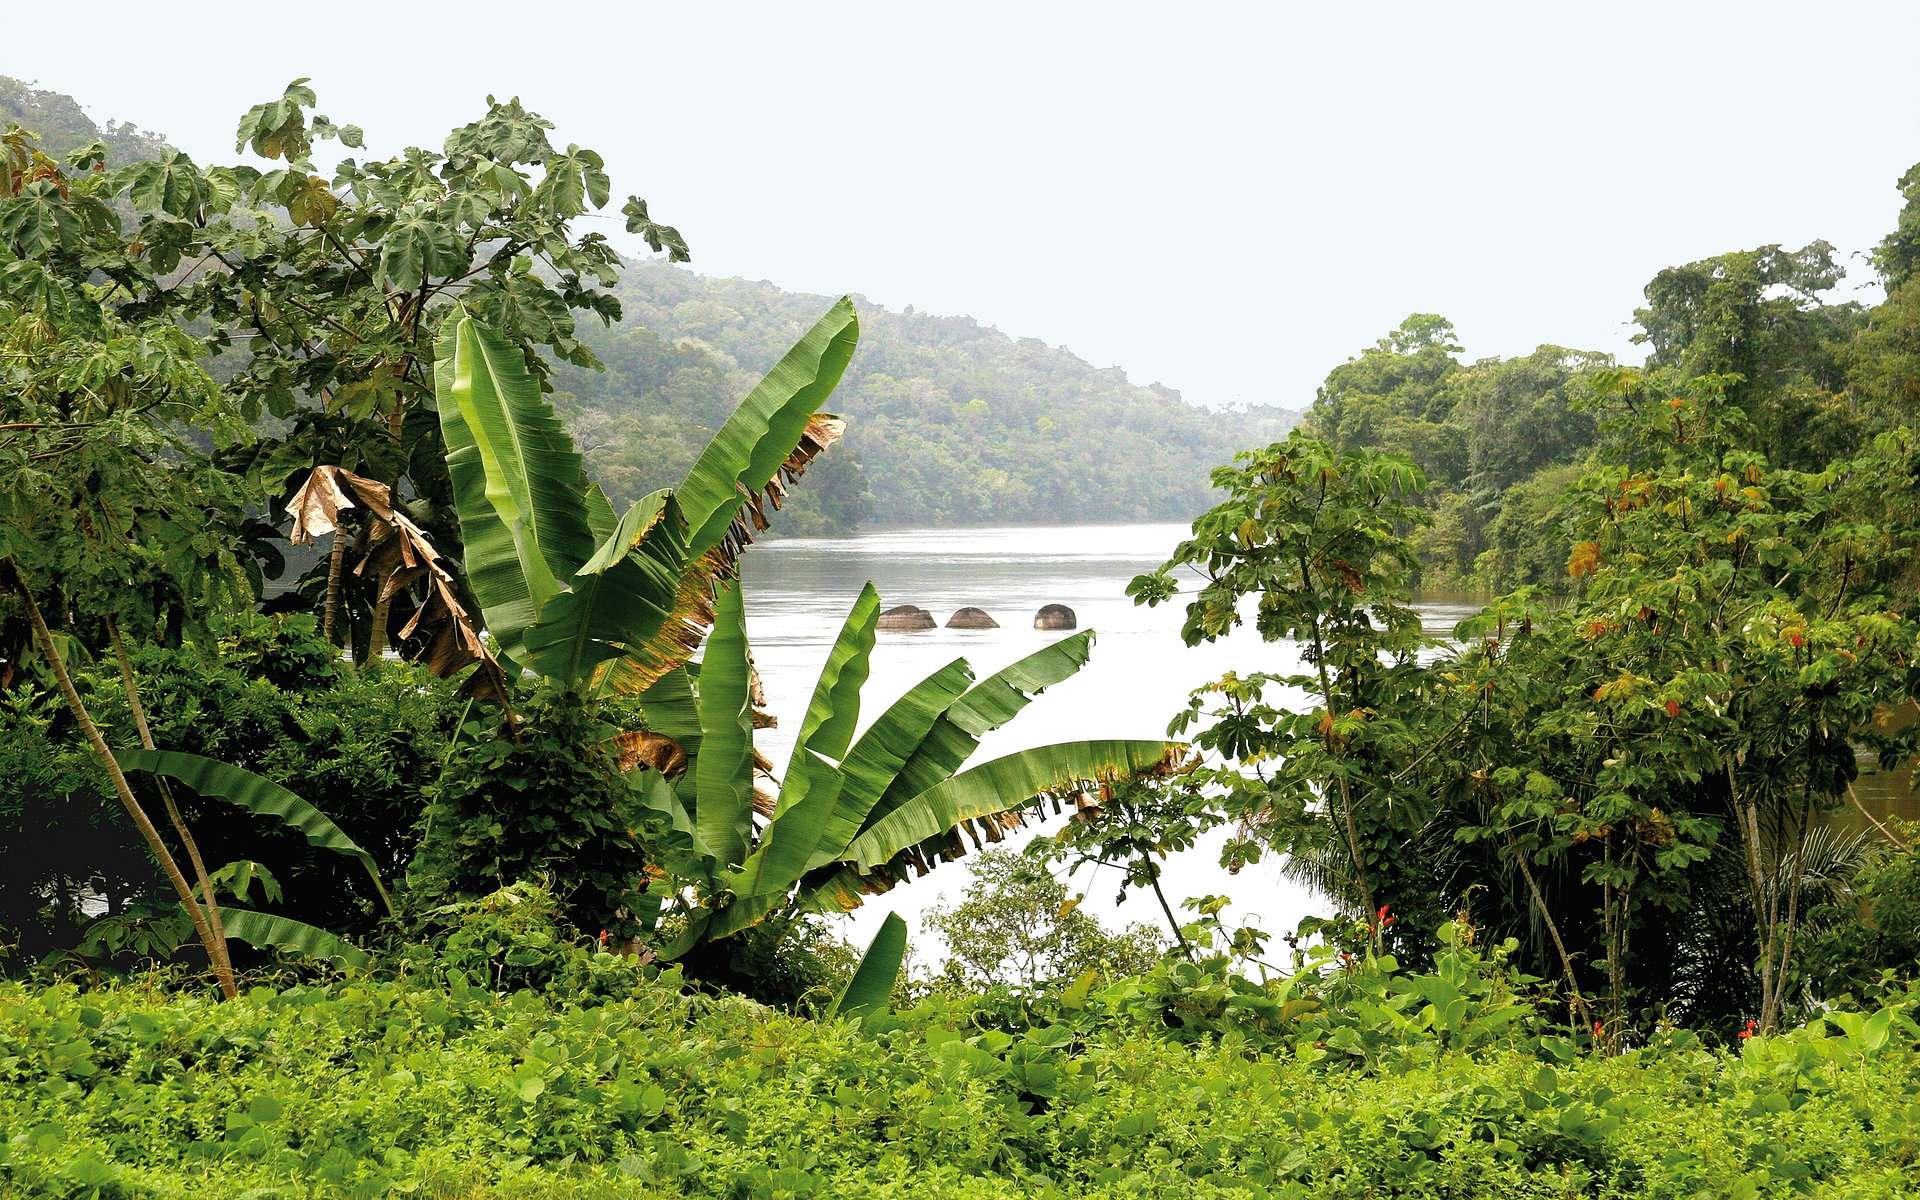 Avec une capacité de stockage de 140 MWh, la Centrale électrique de l'Ouest guyanais (CEOG) sera la plus grande du monde. © HDF Energy